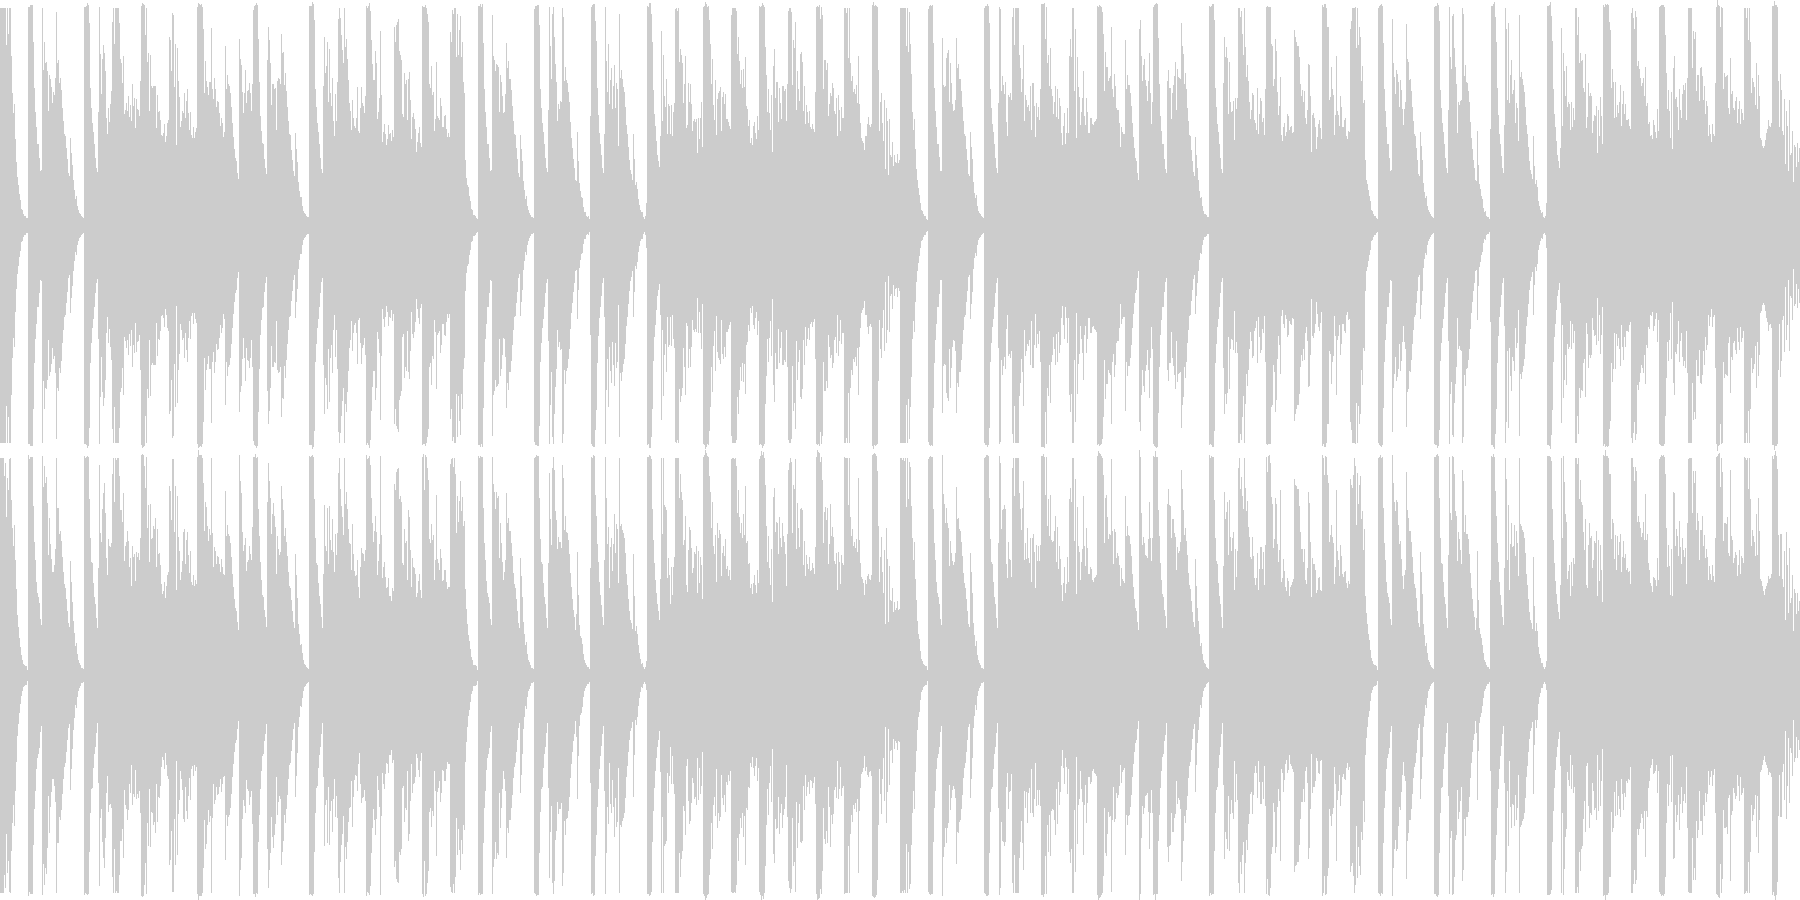 【ループ】レース2位通過のリザルトBGMの未再生の波形